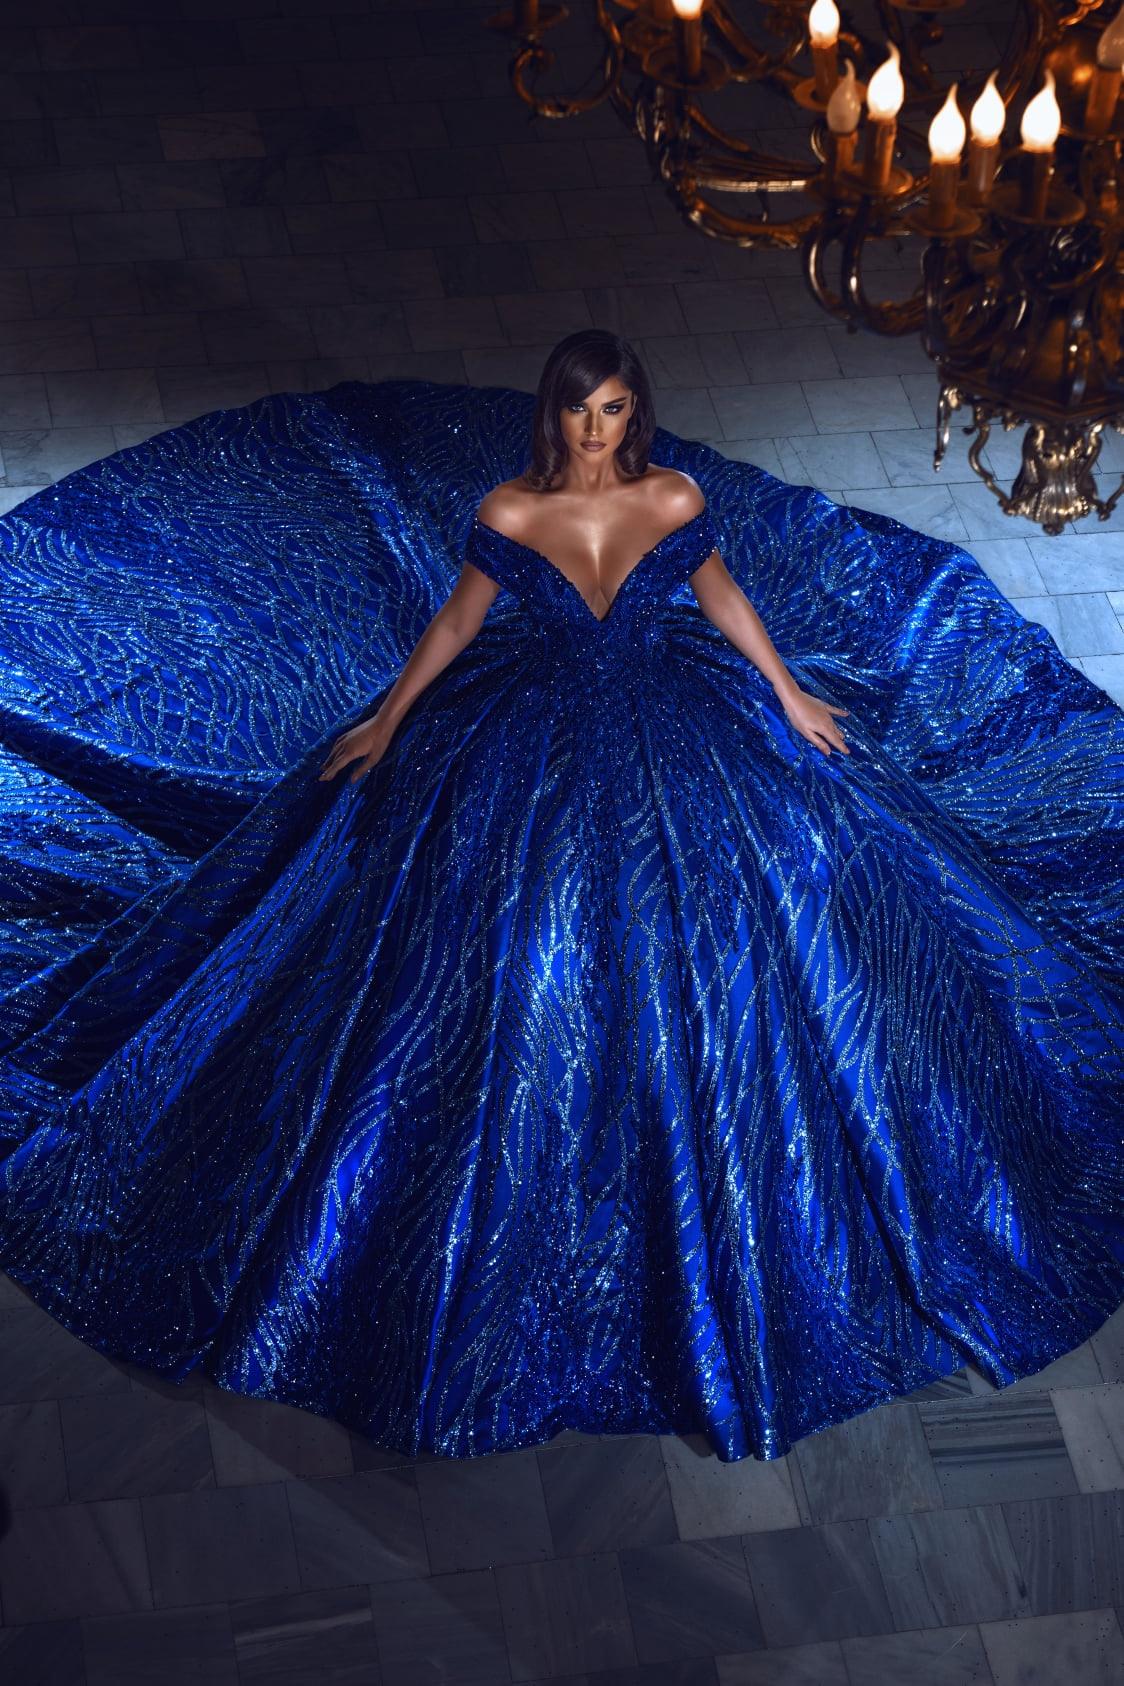 فستان فاخر بلون أزرق ملكي 2021 فساتين كوينسيانيرا بأكتاف مكشوفة مطرز ومزين بالترتر الحلو 16 فستان ملابس للحفلات فساتين الأميرات